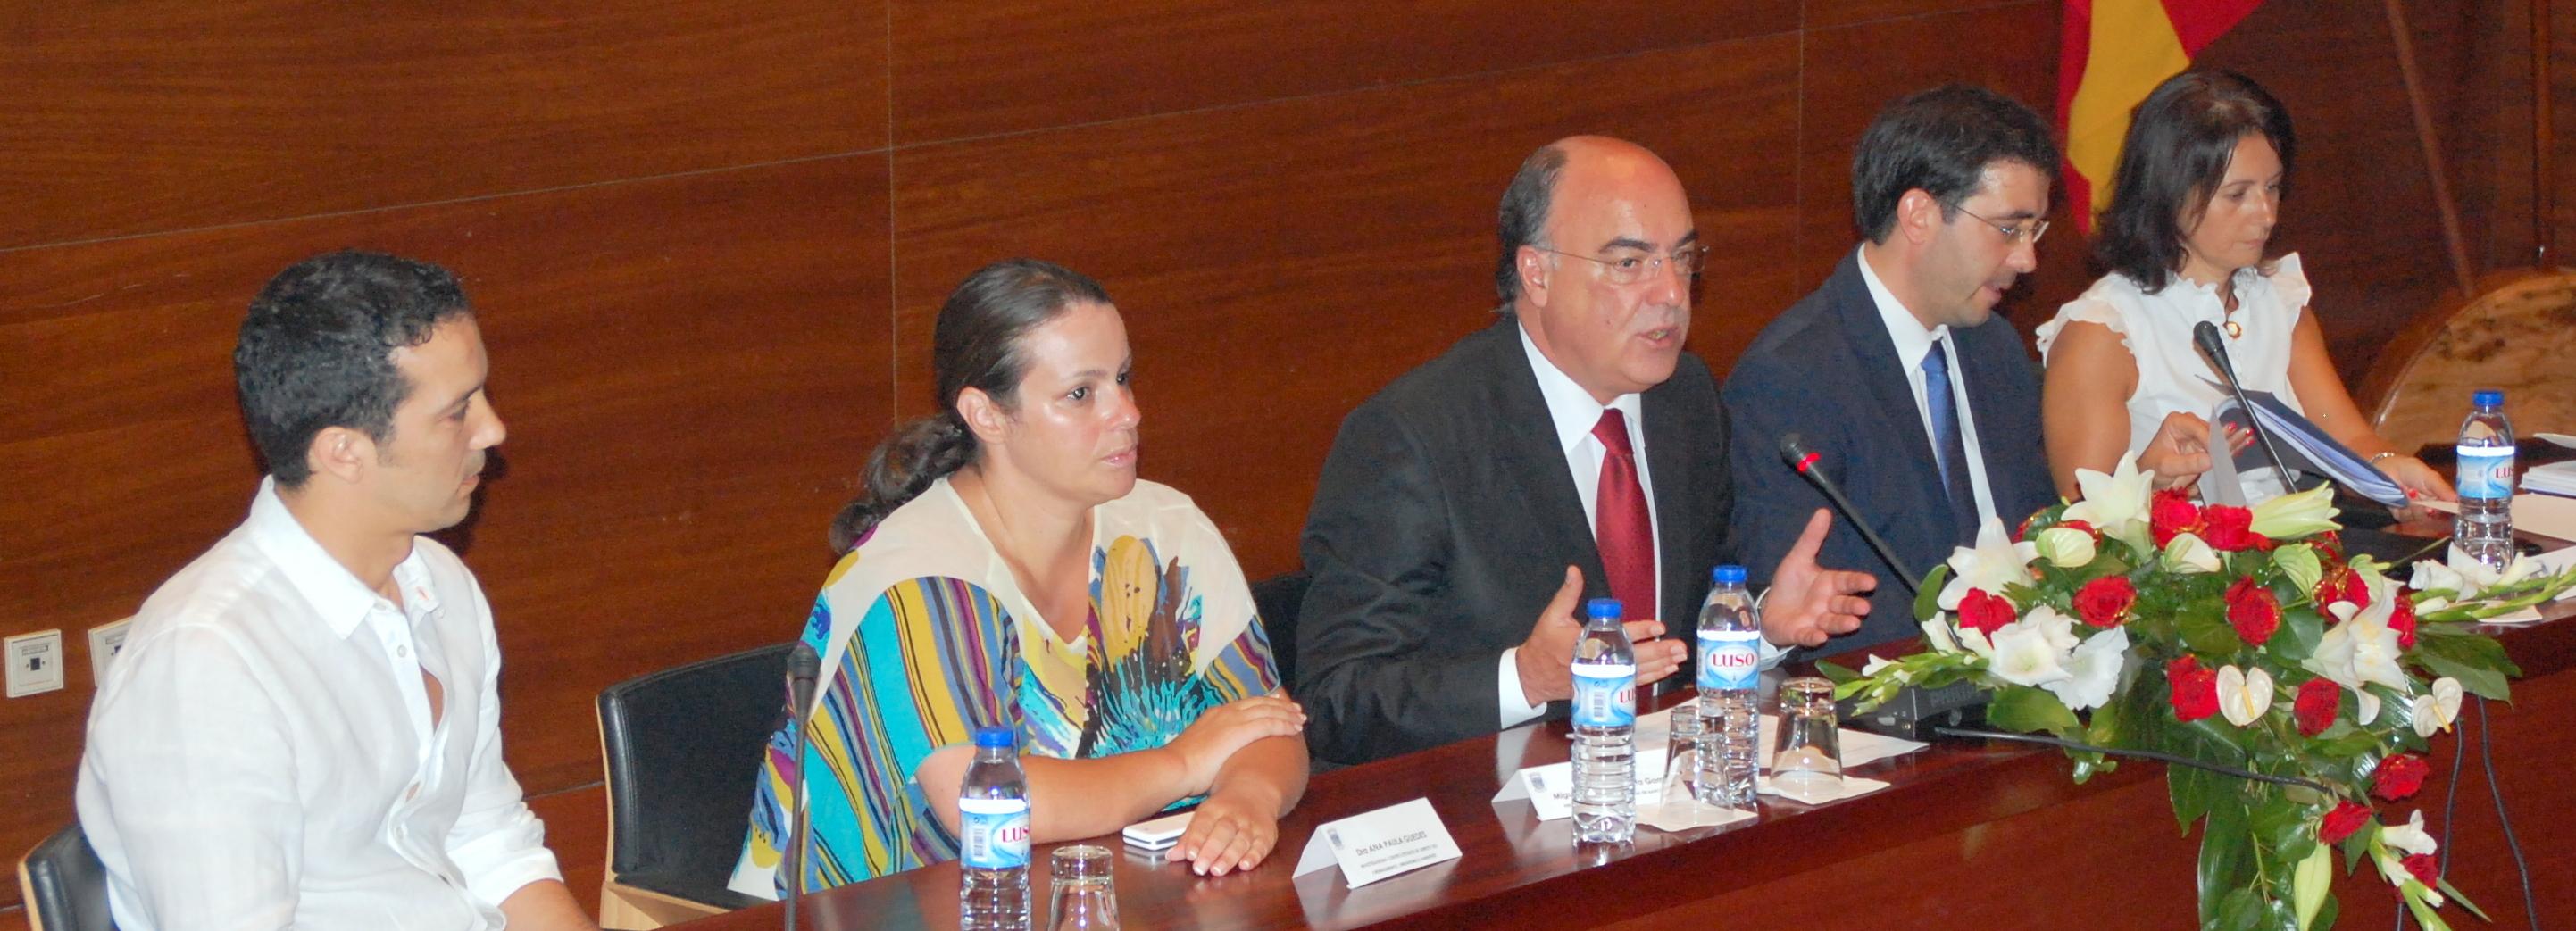 Sessão deu contributos para a resolução de problemas de legalização de obras